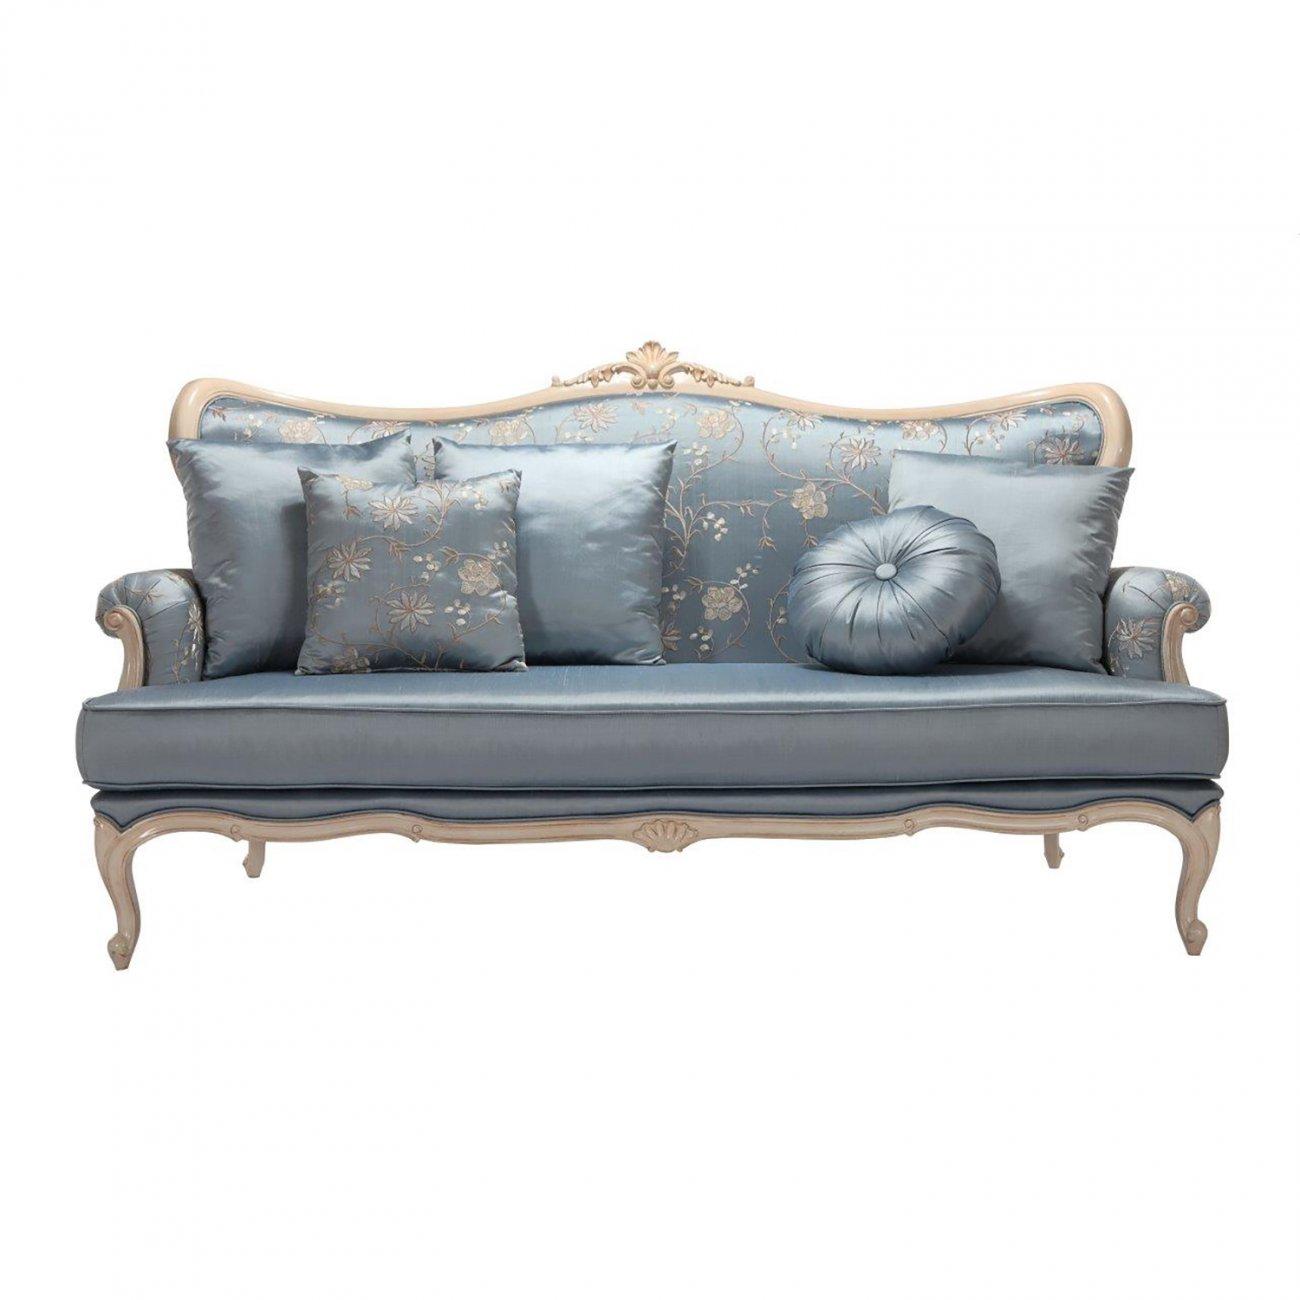 Купить Диван Lavemaris в интернет магазине дизайнерской мебели и аксессуаров для дома и дачи